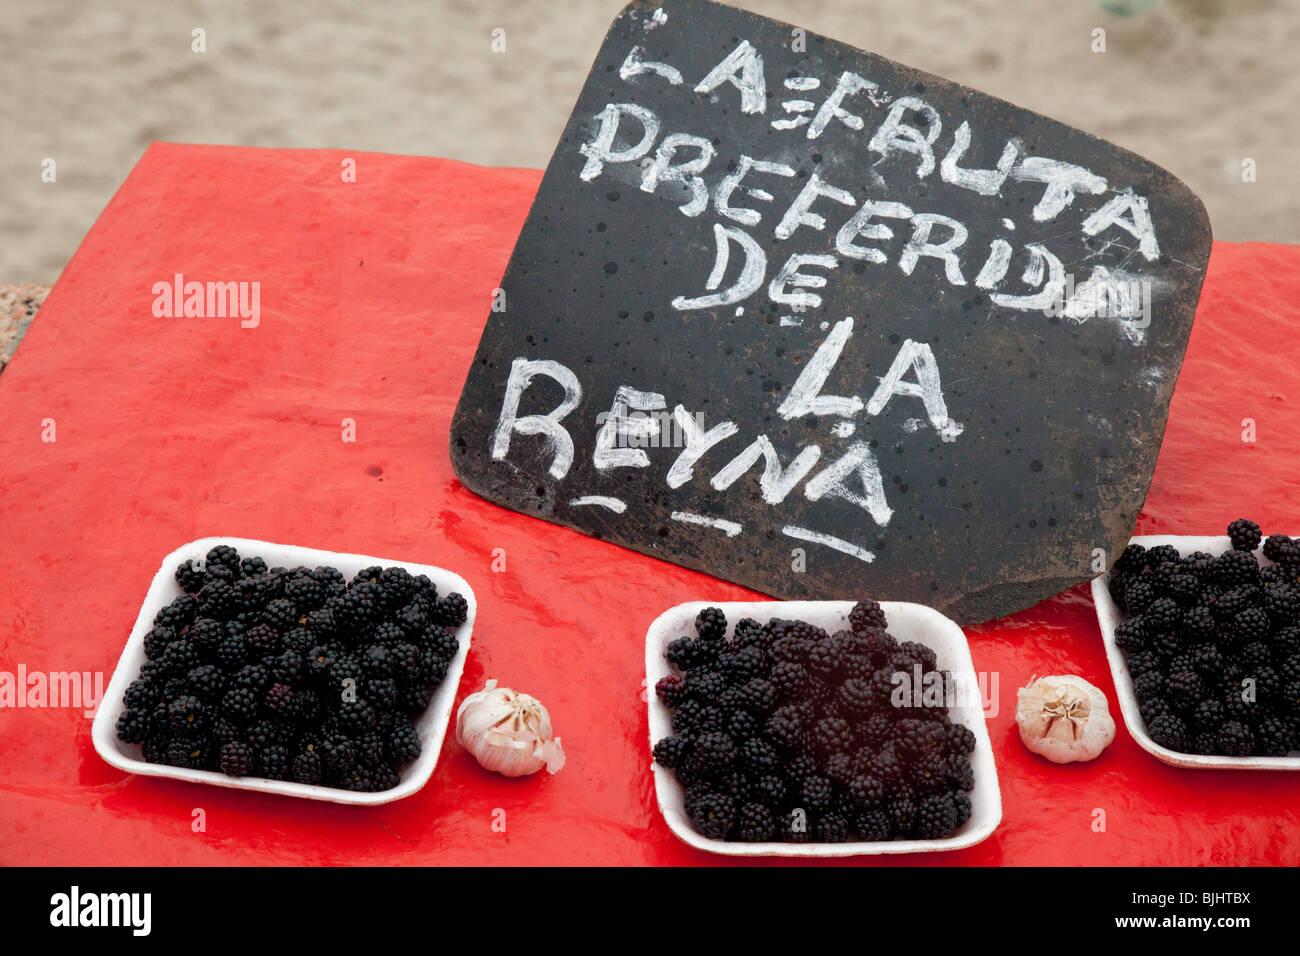 """Offrant des mûres pour la vente sur la 'journée de Yemanja"""", déesse de l'eau, à Photo Stock"""